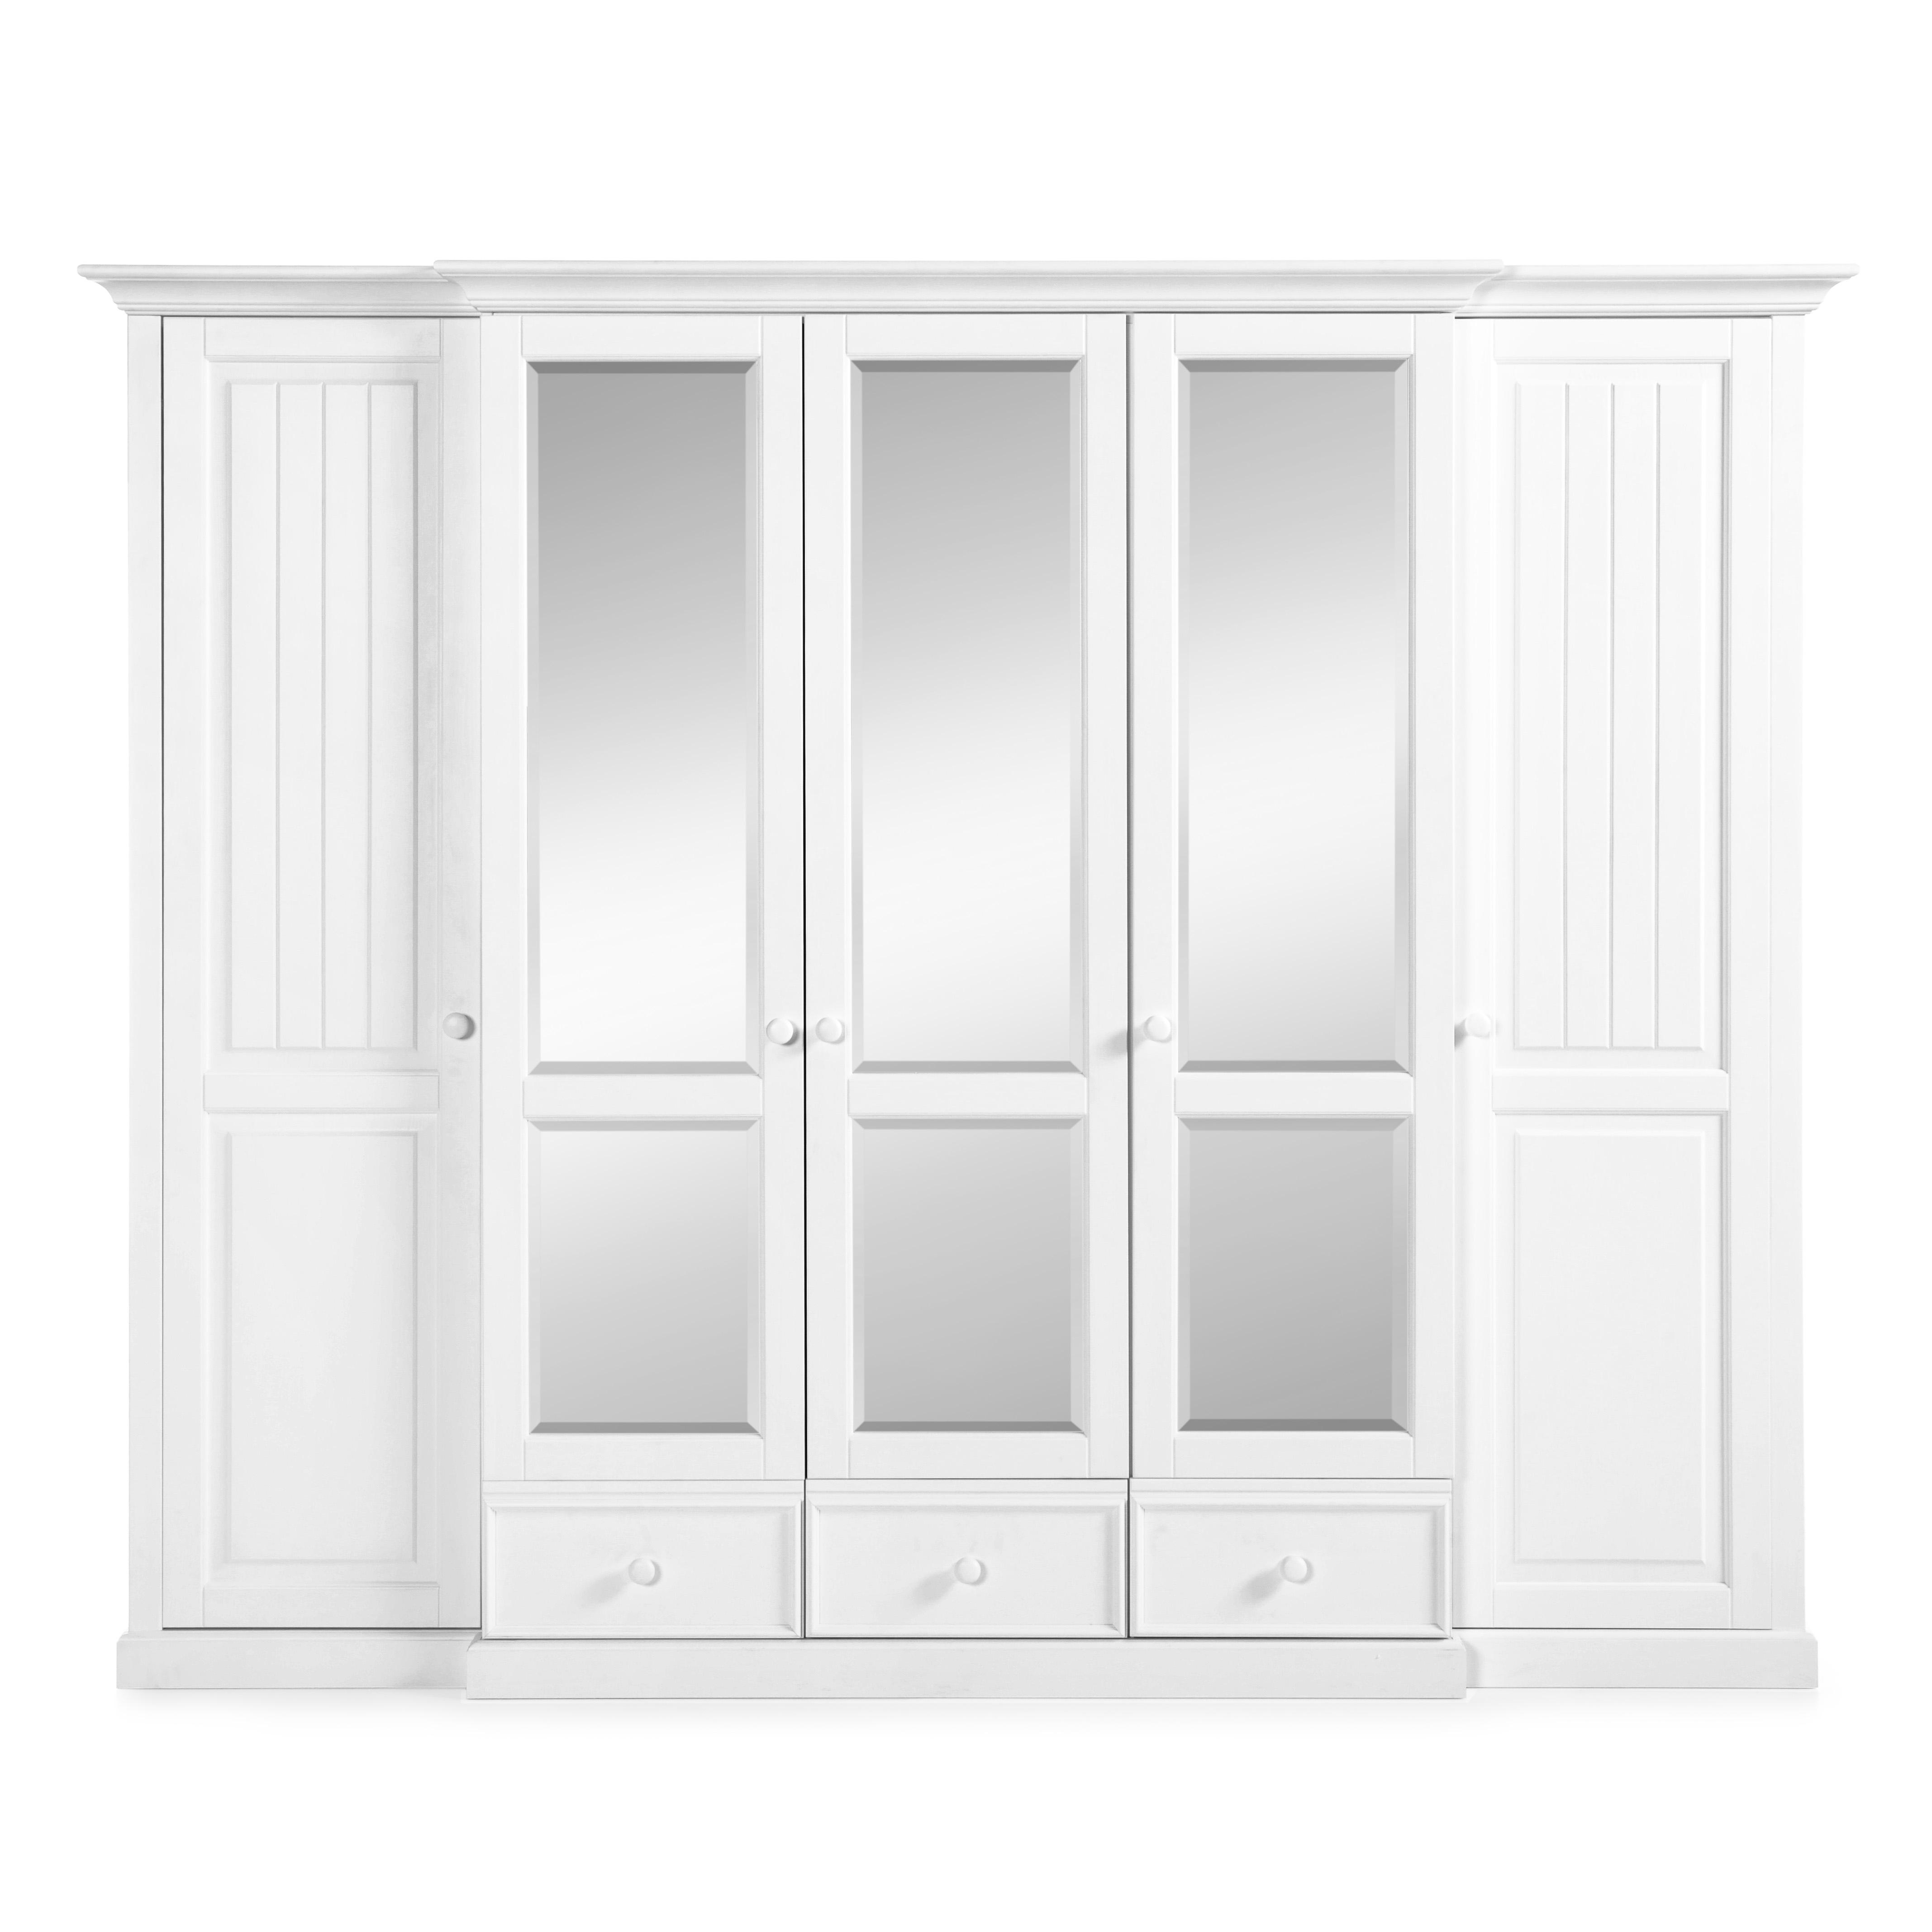 Dulap cu oglinda, din lemn de pin si pal, cu 5 usi si 3 sertare Pallas Premium Alb, l271xA71xH220 cm